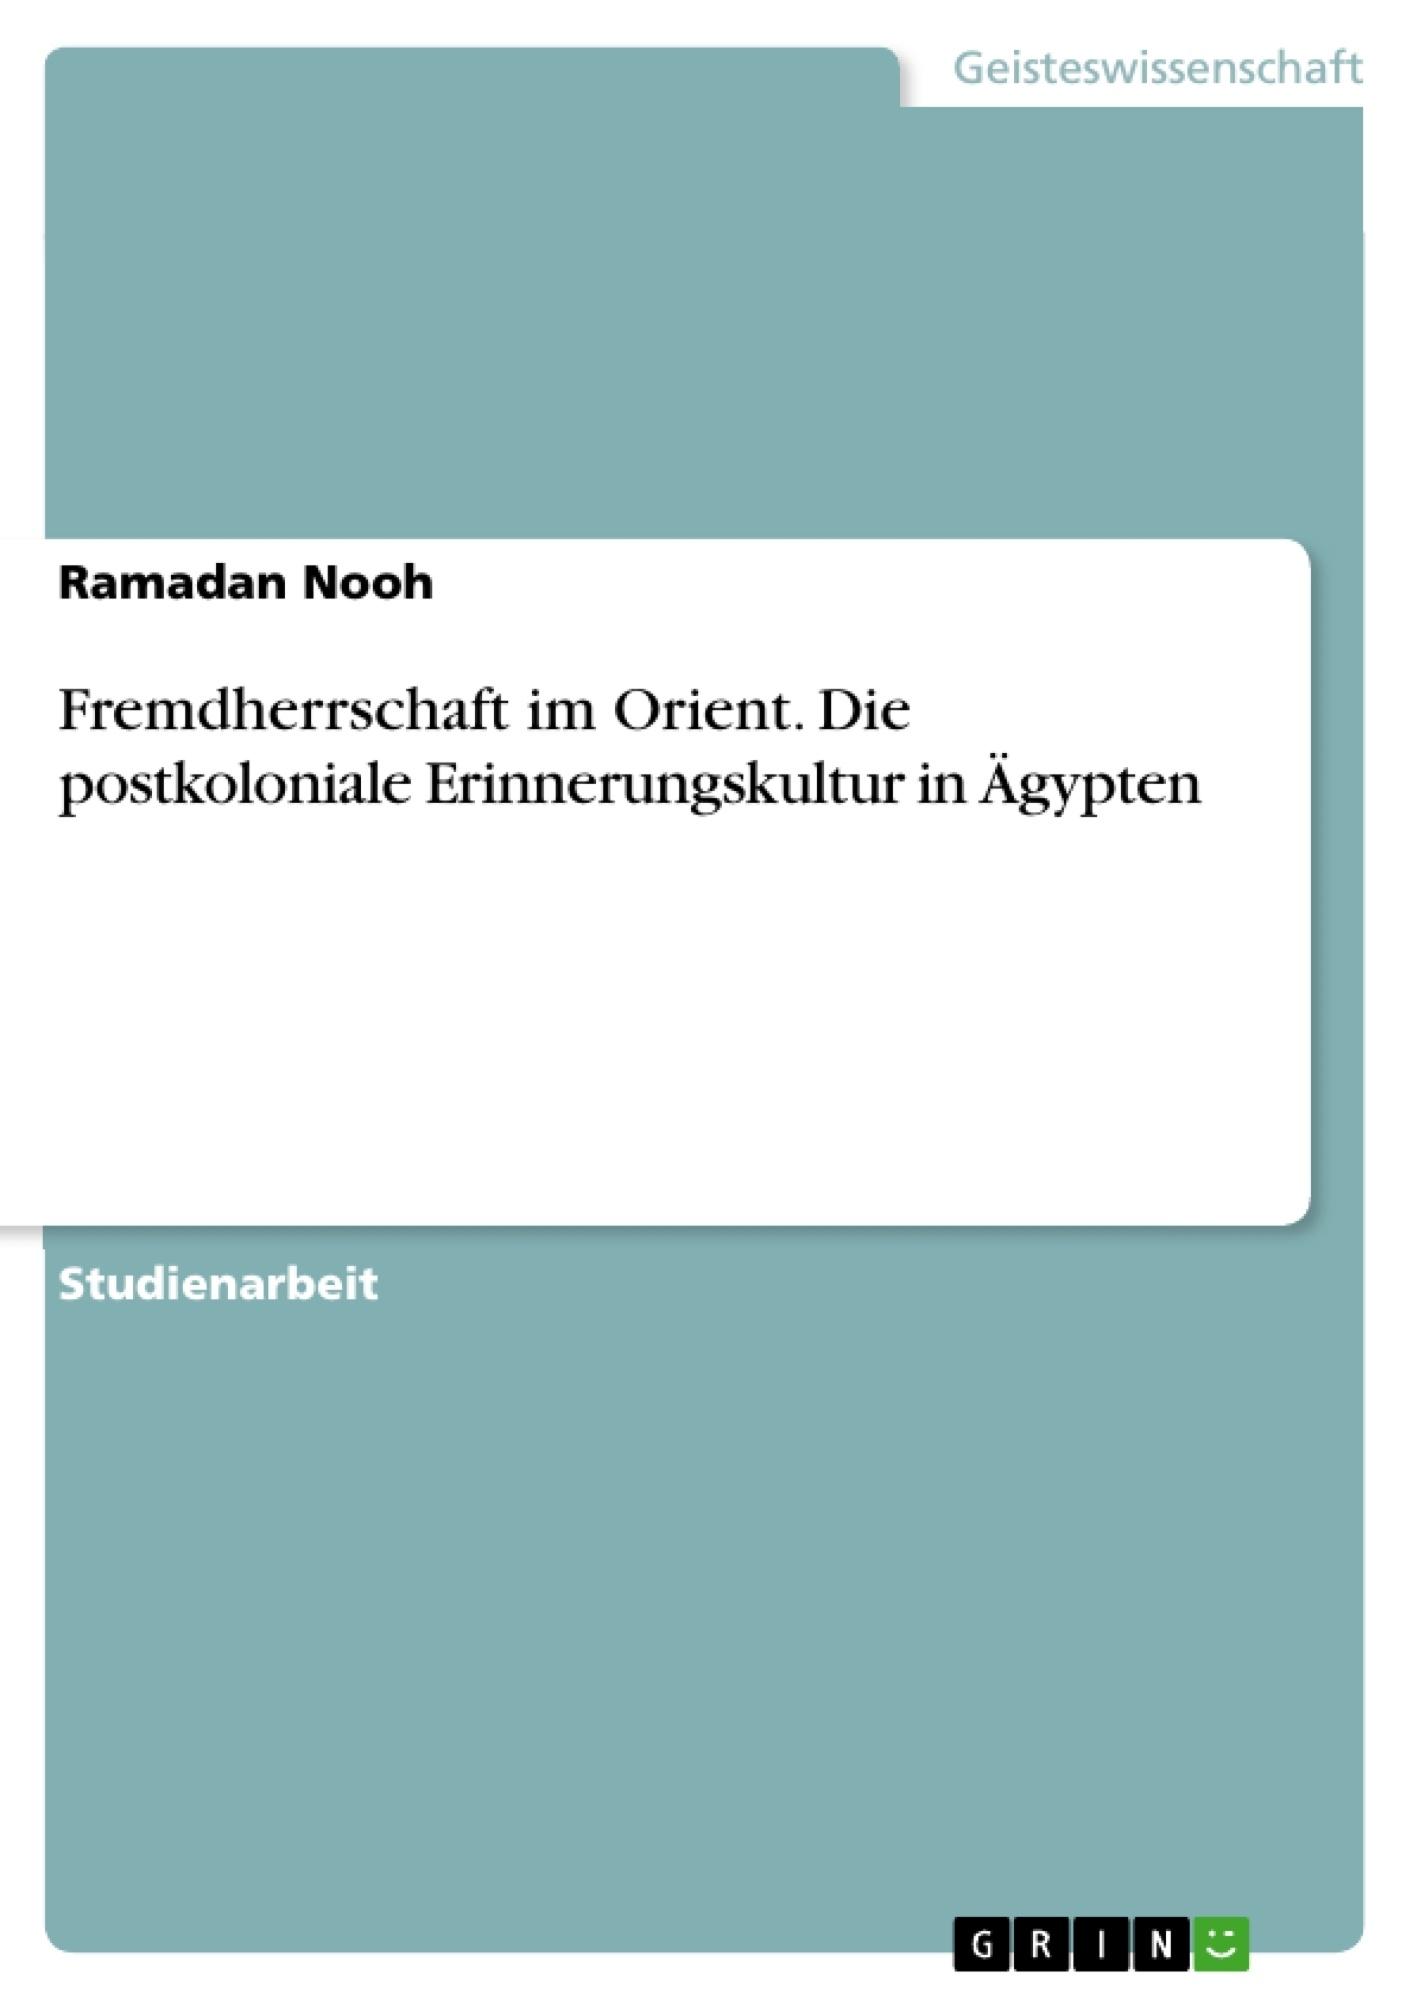 Titel: Fremdherrschaft im Orient. Die postkoloniale Erinnerungskultur in Ägypten